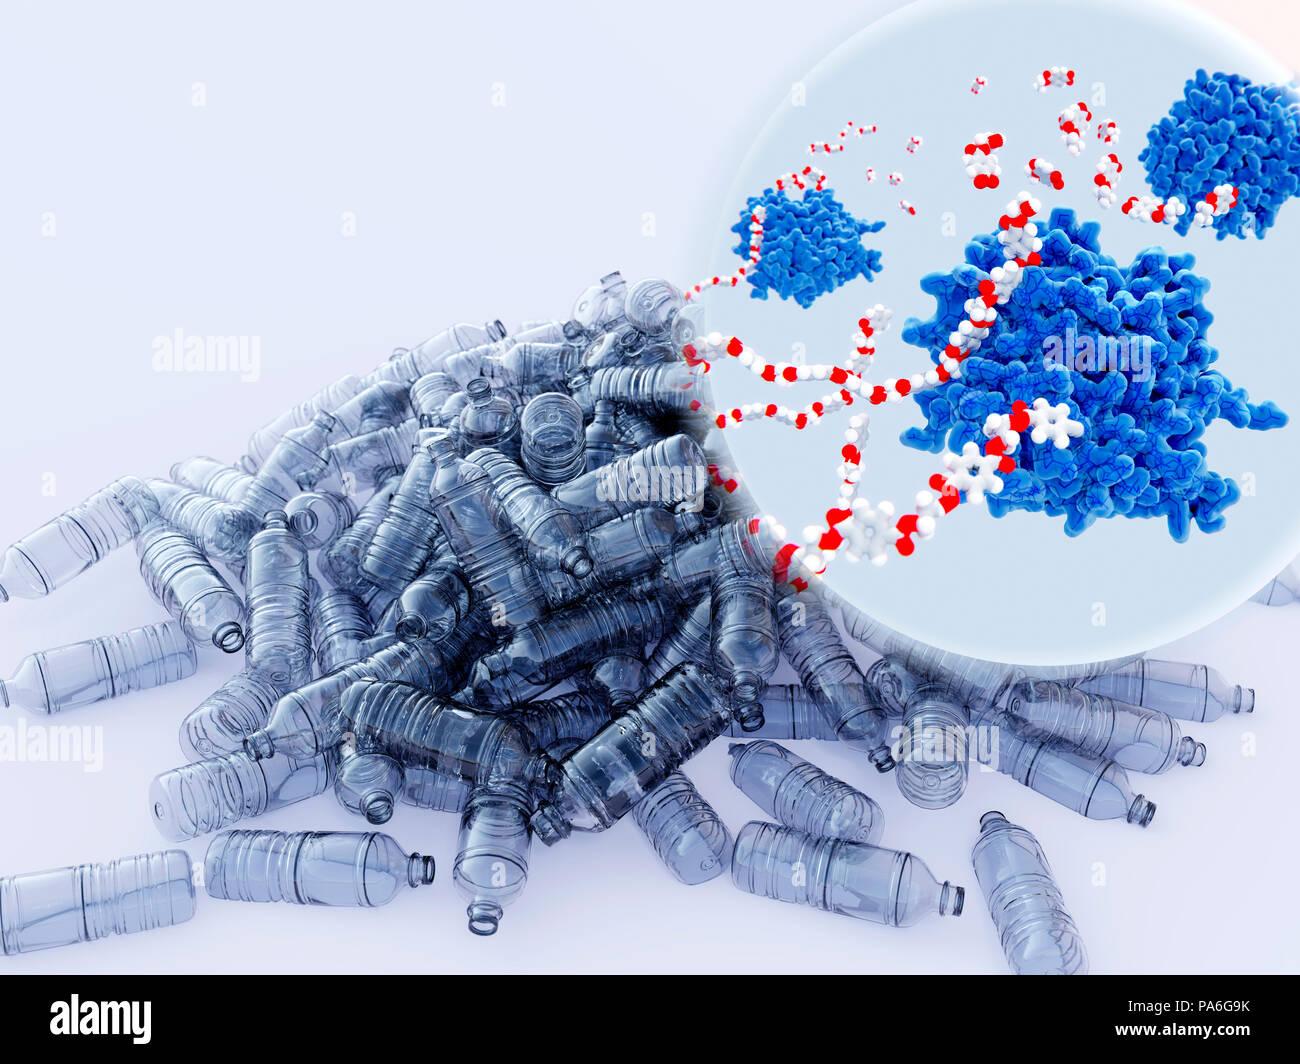 PETase enzymes décomposant le plastique, l'illustration. PETase (bleu) est une enzyme bactérienne qui décompose le PET (polyéthylène téréphtalate) bouteilles plastiques (illustré) de molécules monomères (en médaillon en haut à droite). L'ensemble du processus de dégradation bactérienne acide téréphtalique purifié des rendements et de l'éthylène glycol, qui sont écologiquement inoffensif. Photo Stock